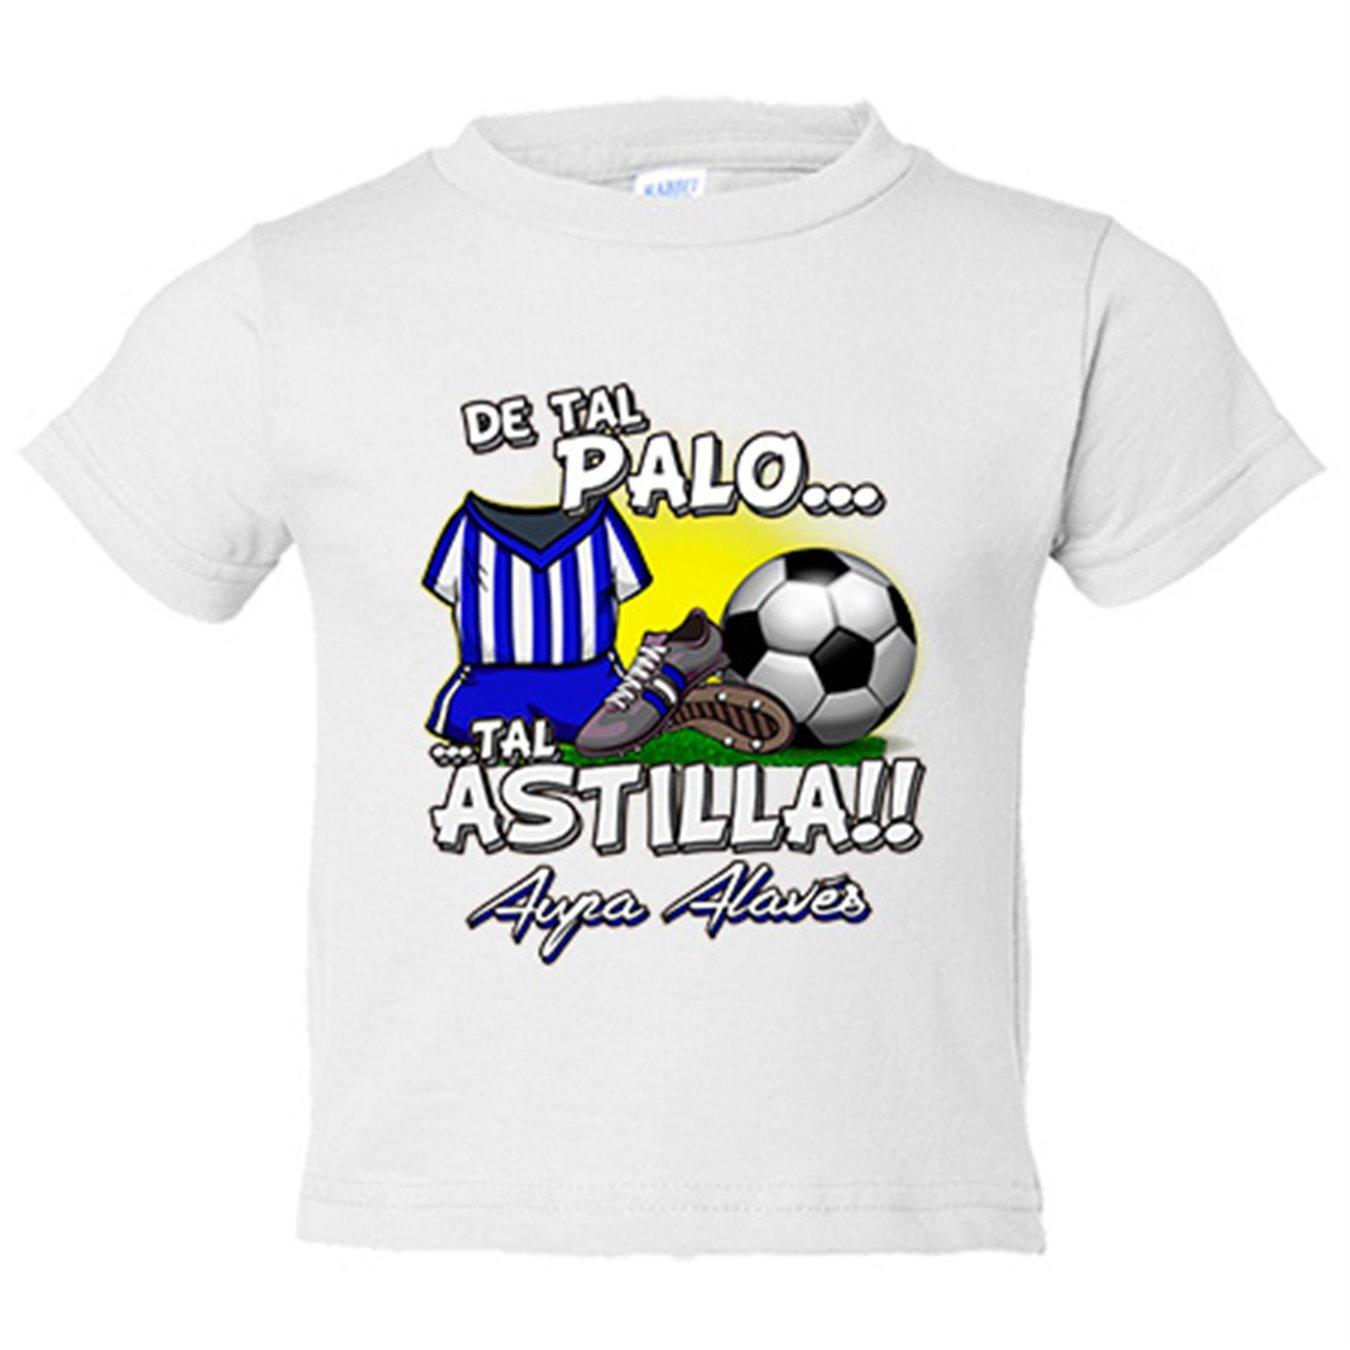 Camiseta niño De tal palo tal astilla Alaves fútbol - Azul Royal, 3-4 años: Amazon.es: Bebé